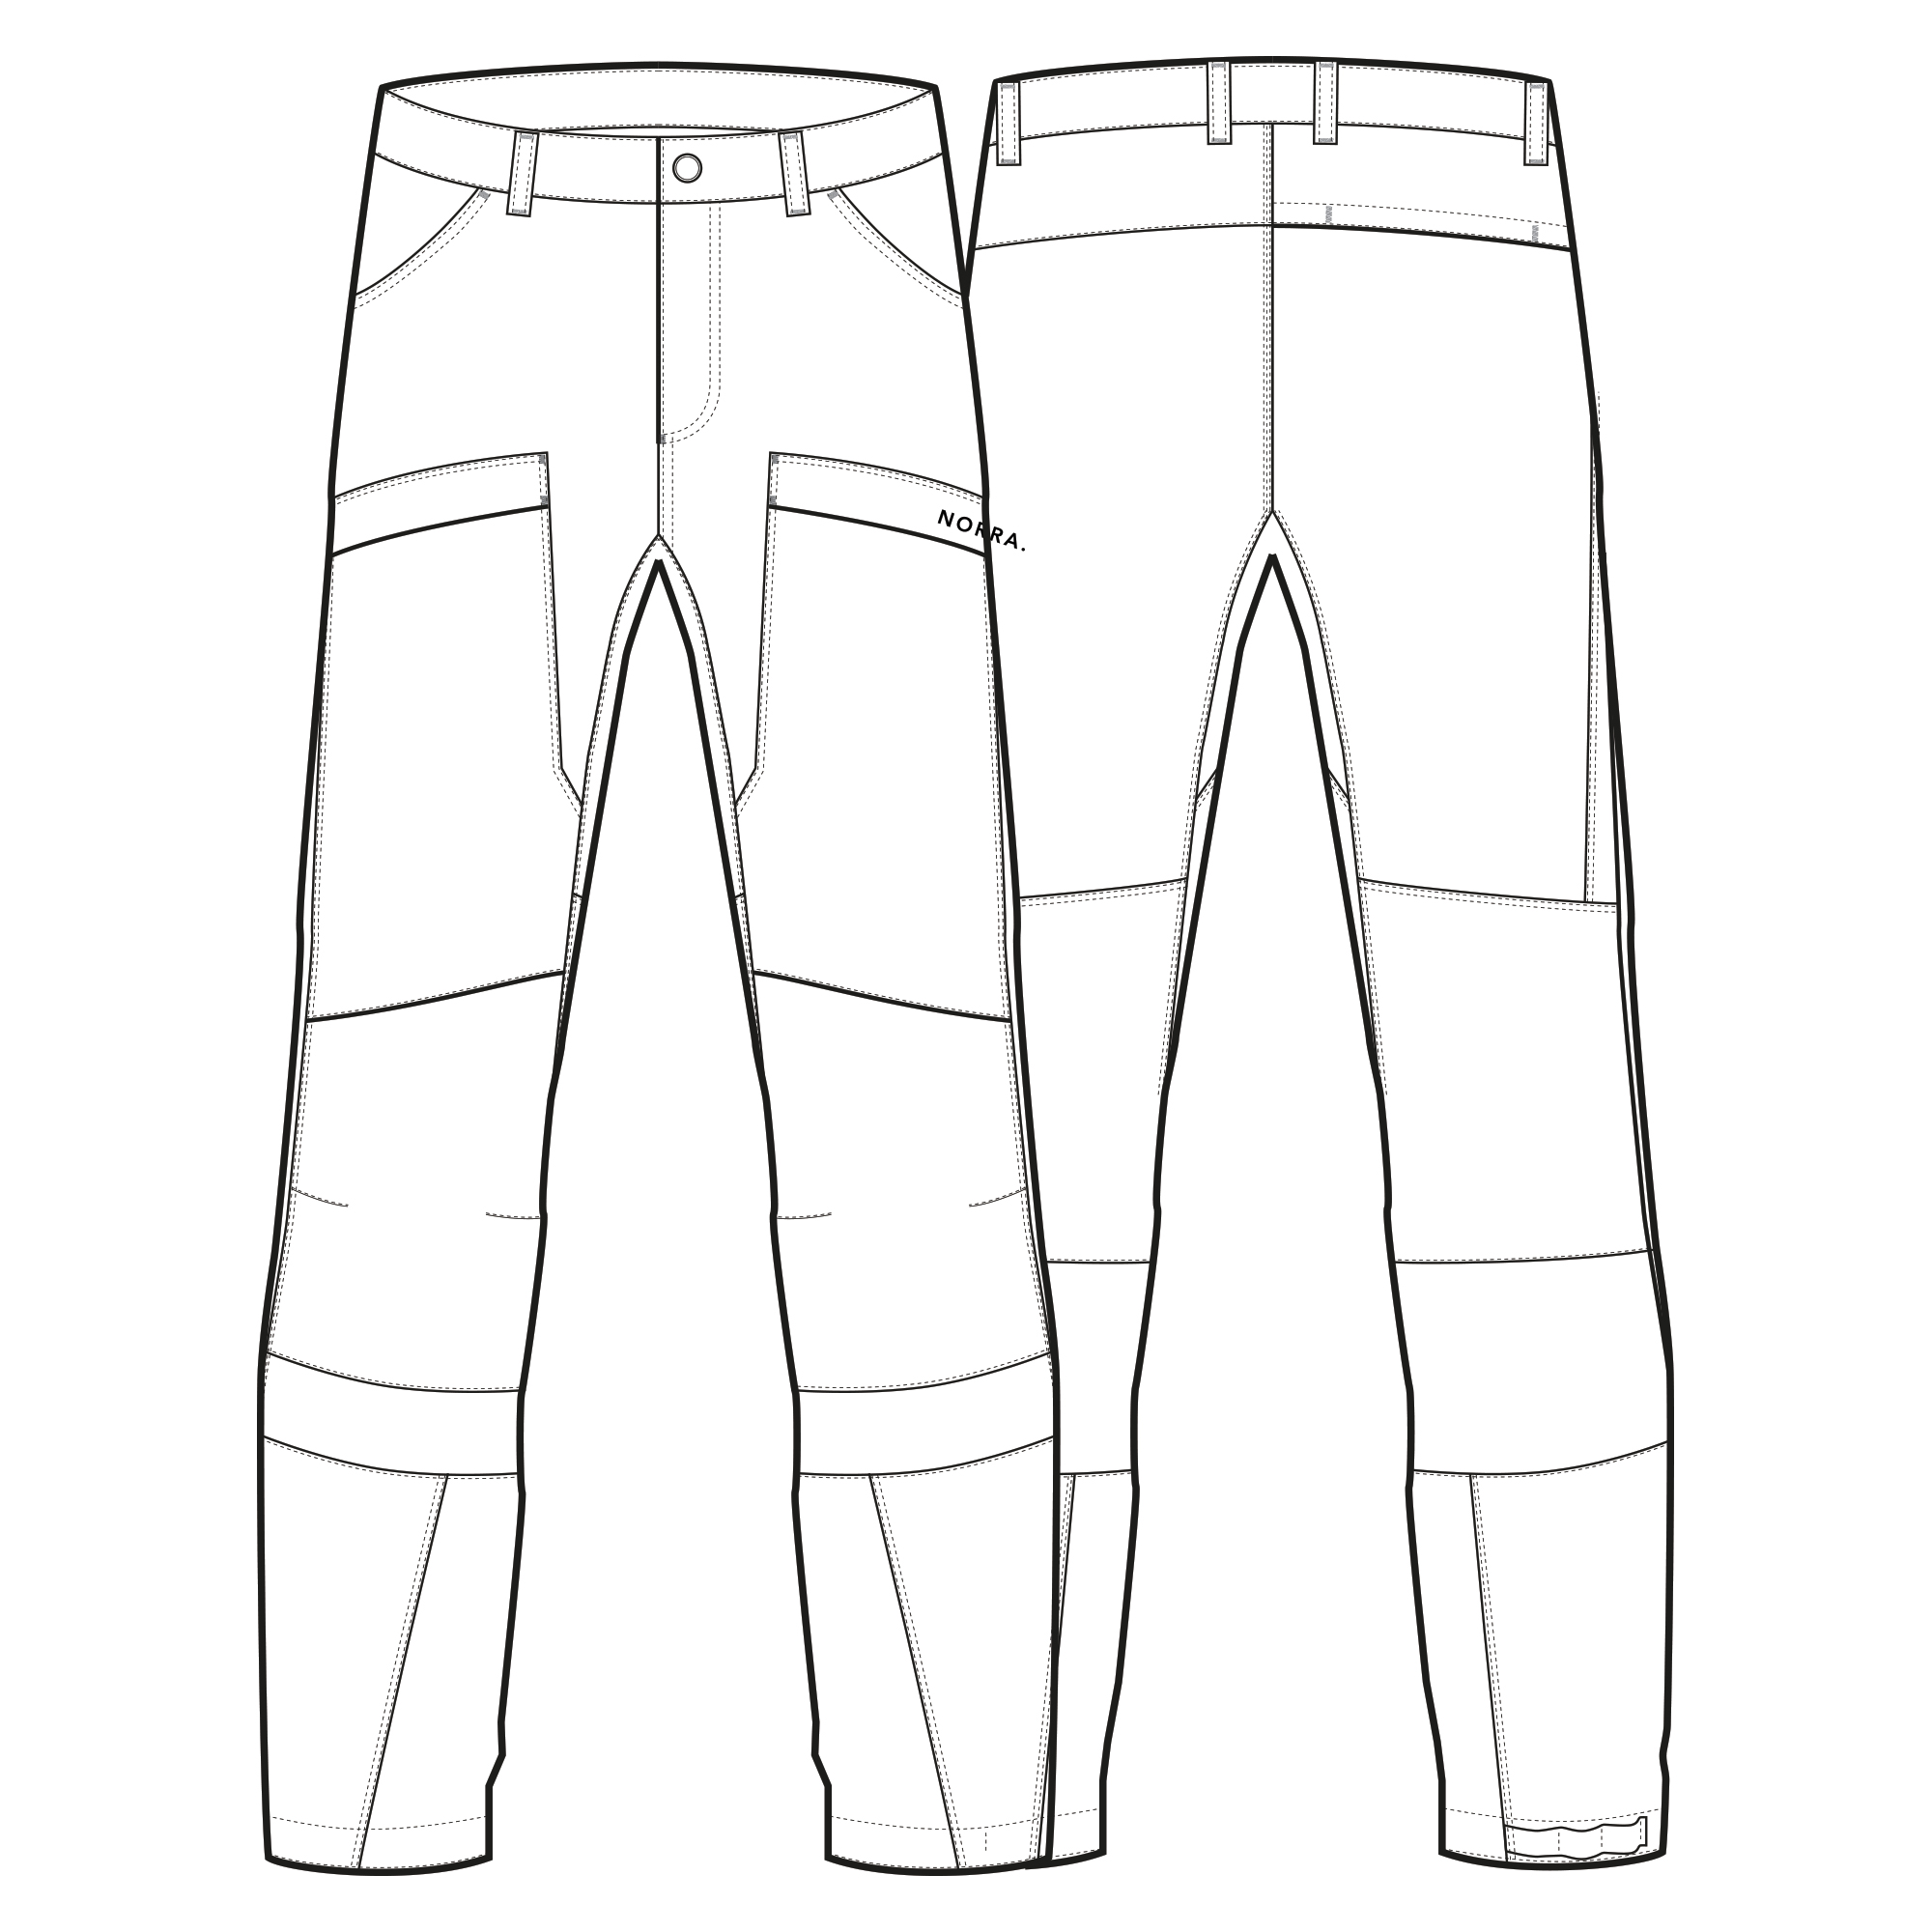 Pant design